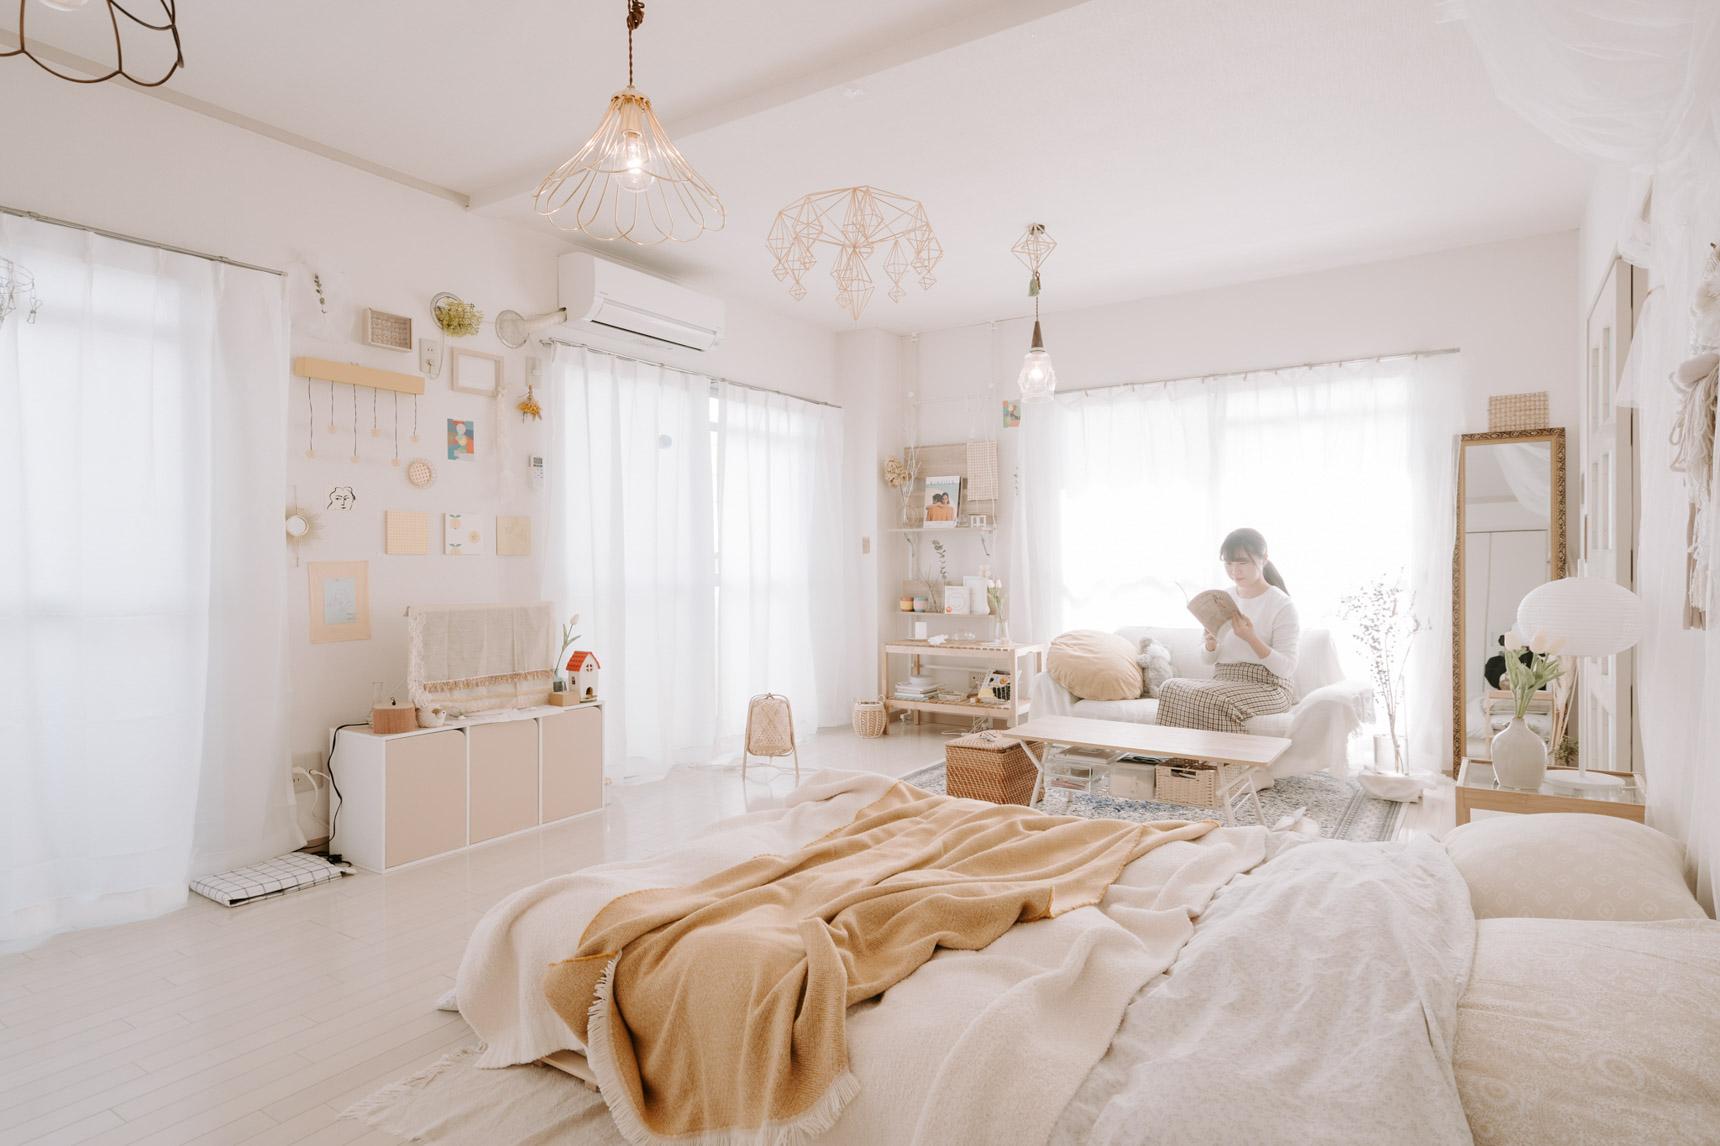 韓国インテリアで使われるカラーは、白やベージュ、グレーなど。アクセントカラーも少しくすんだ淡い色合いのものを合わせると似合います。こちらはファブリック類を、白やベージュで統一されたお部屋(このお部屋はこちら)